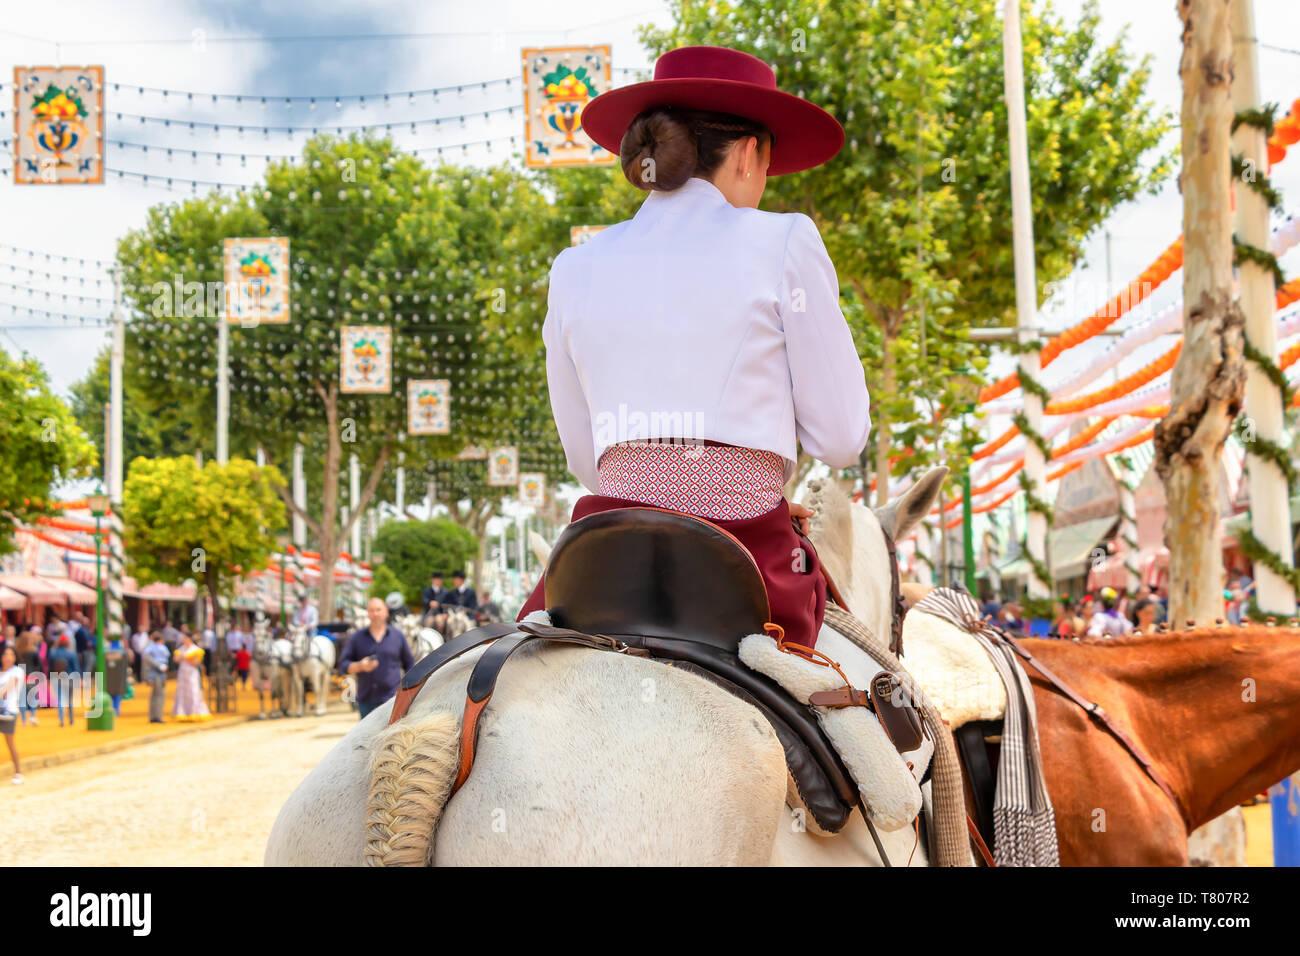 Beautiful Women riding horses and celebrating Seville's April Fair, Seville Fair (Feria de Sevilla). The Seville April Fair on May, 5, 2019 in Seville - Stock Image